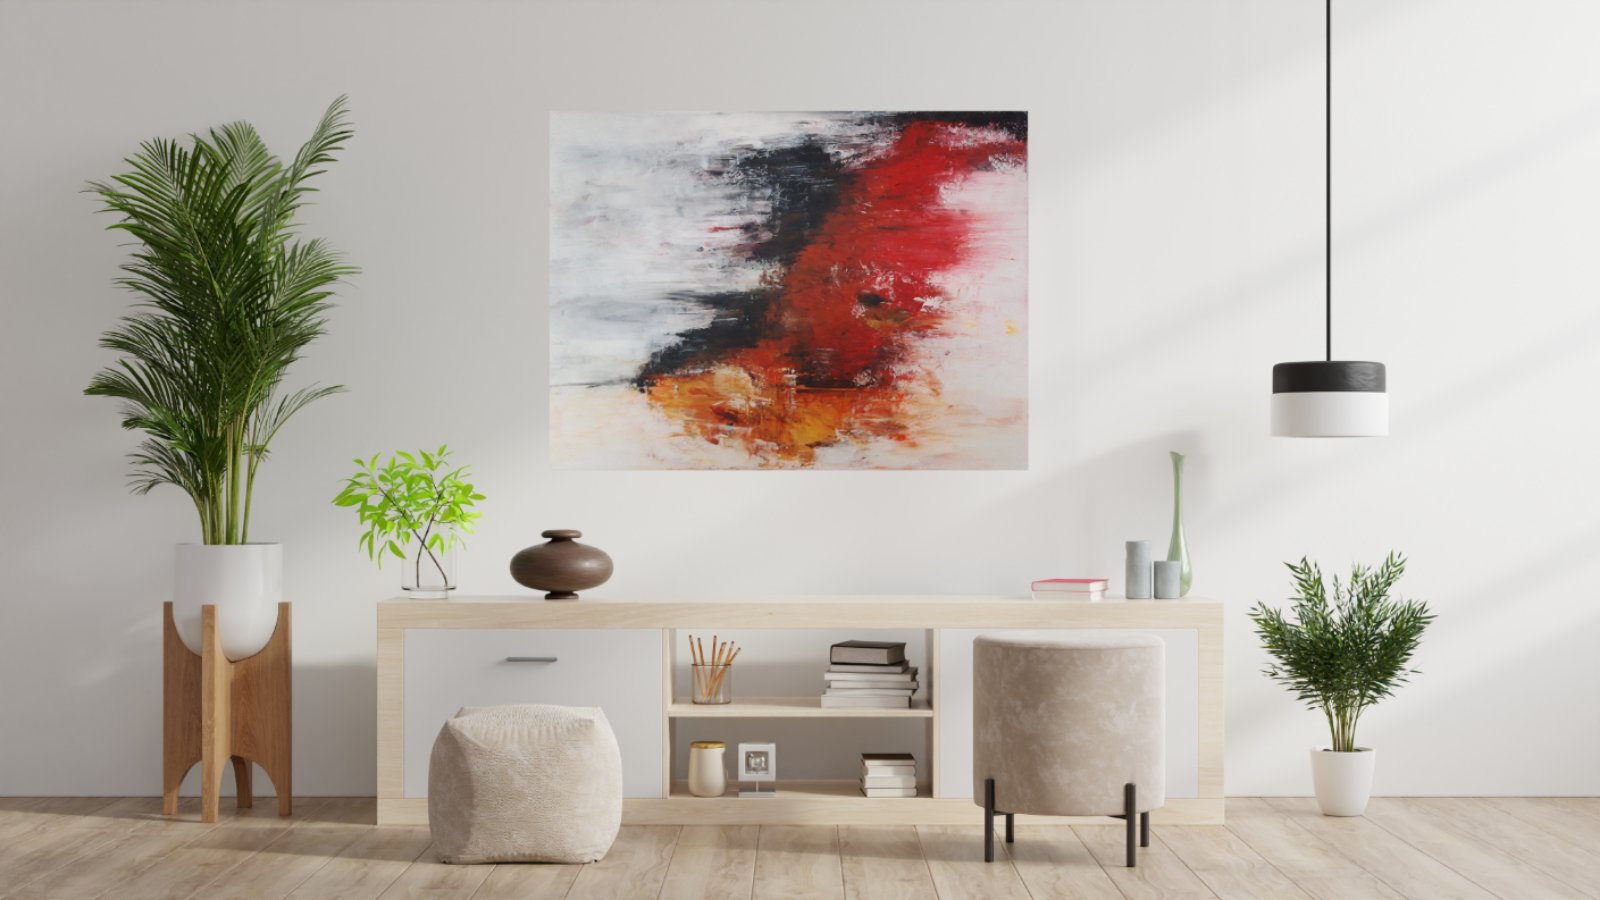 Obraz abstraktny NOVY malovany akrylom - Obrázok č. 4